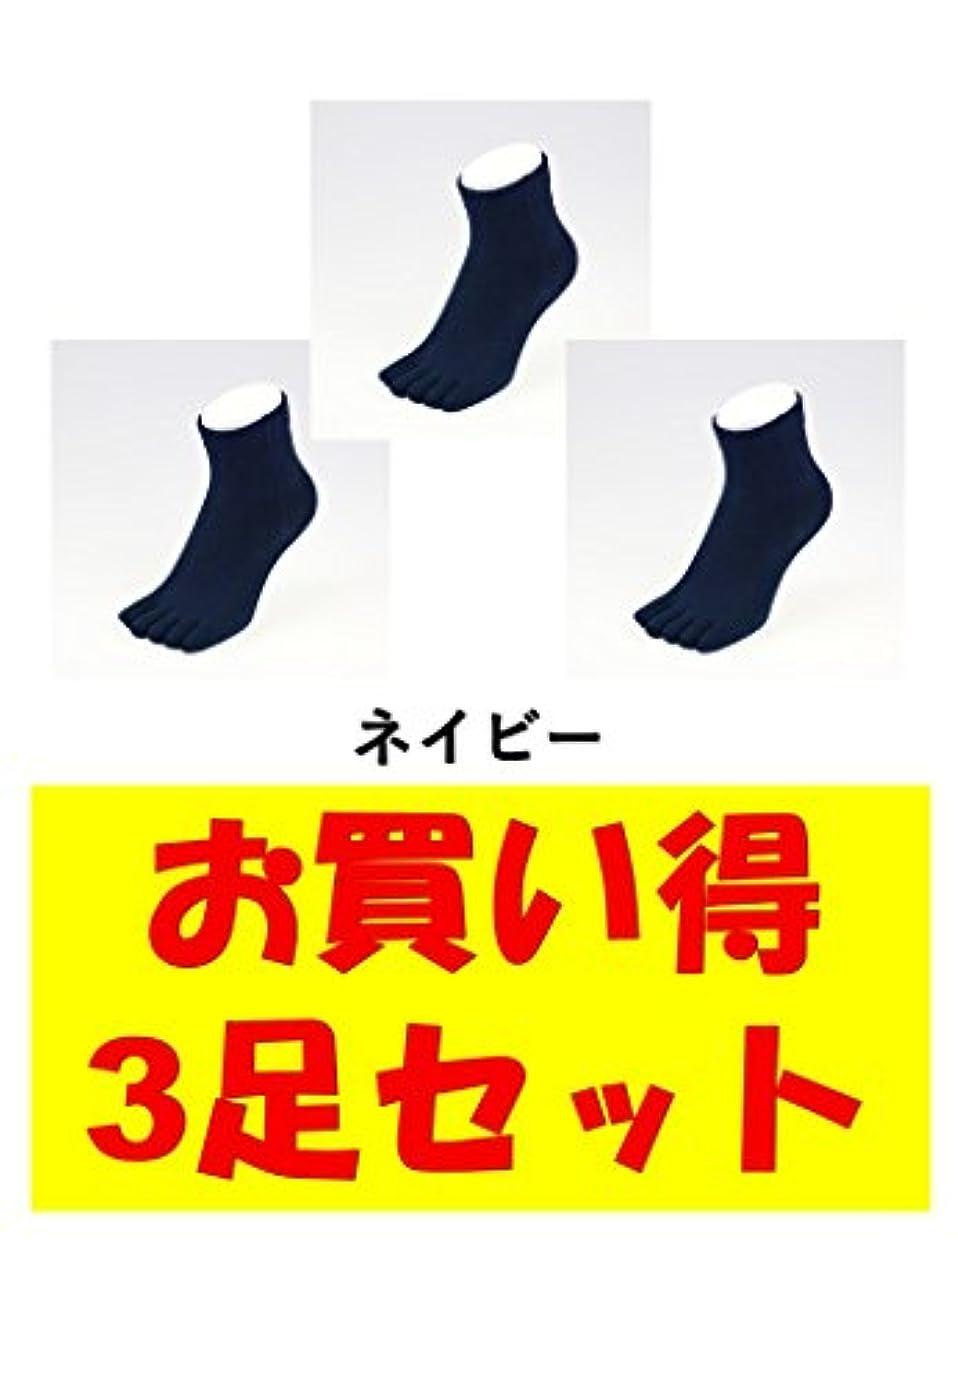 劇場新年フォームお買い得3足セット 5本指 ゆびのばソックス Neo EVE(イヴ) ネイビー Sサイズ(21.0cm - 24.0cm) YSNEVE-NVY